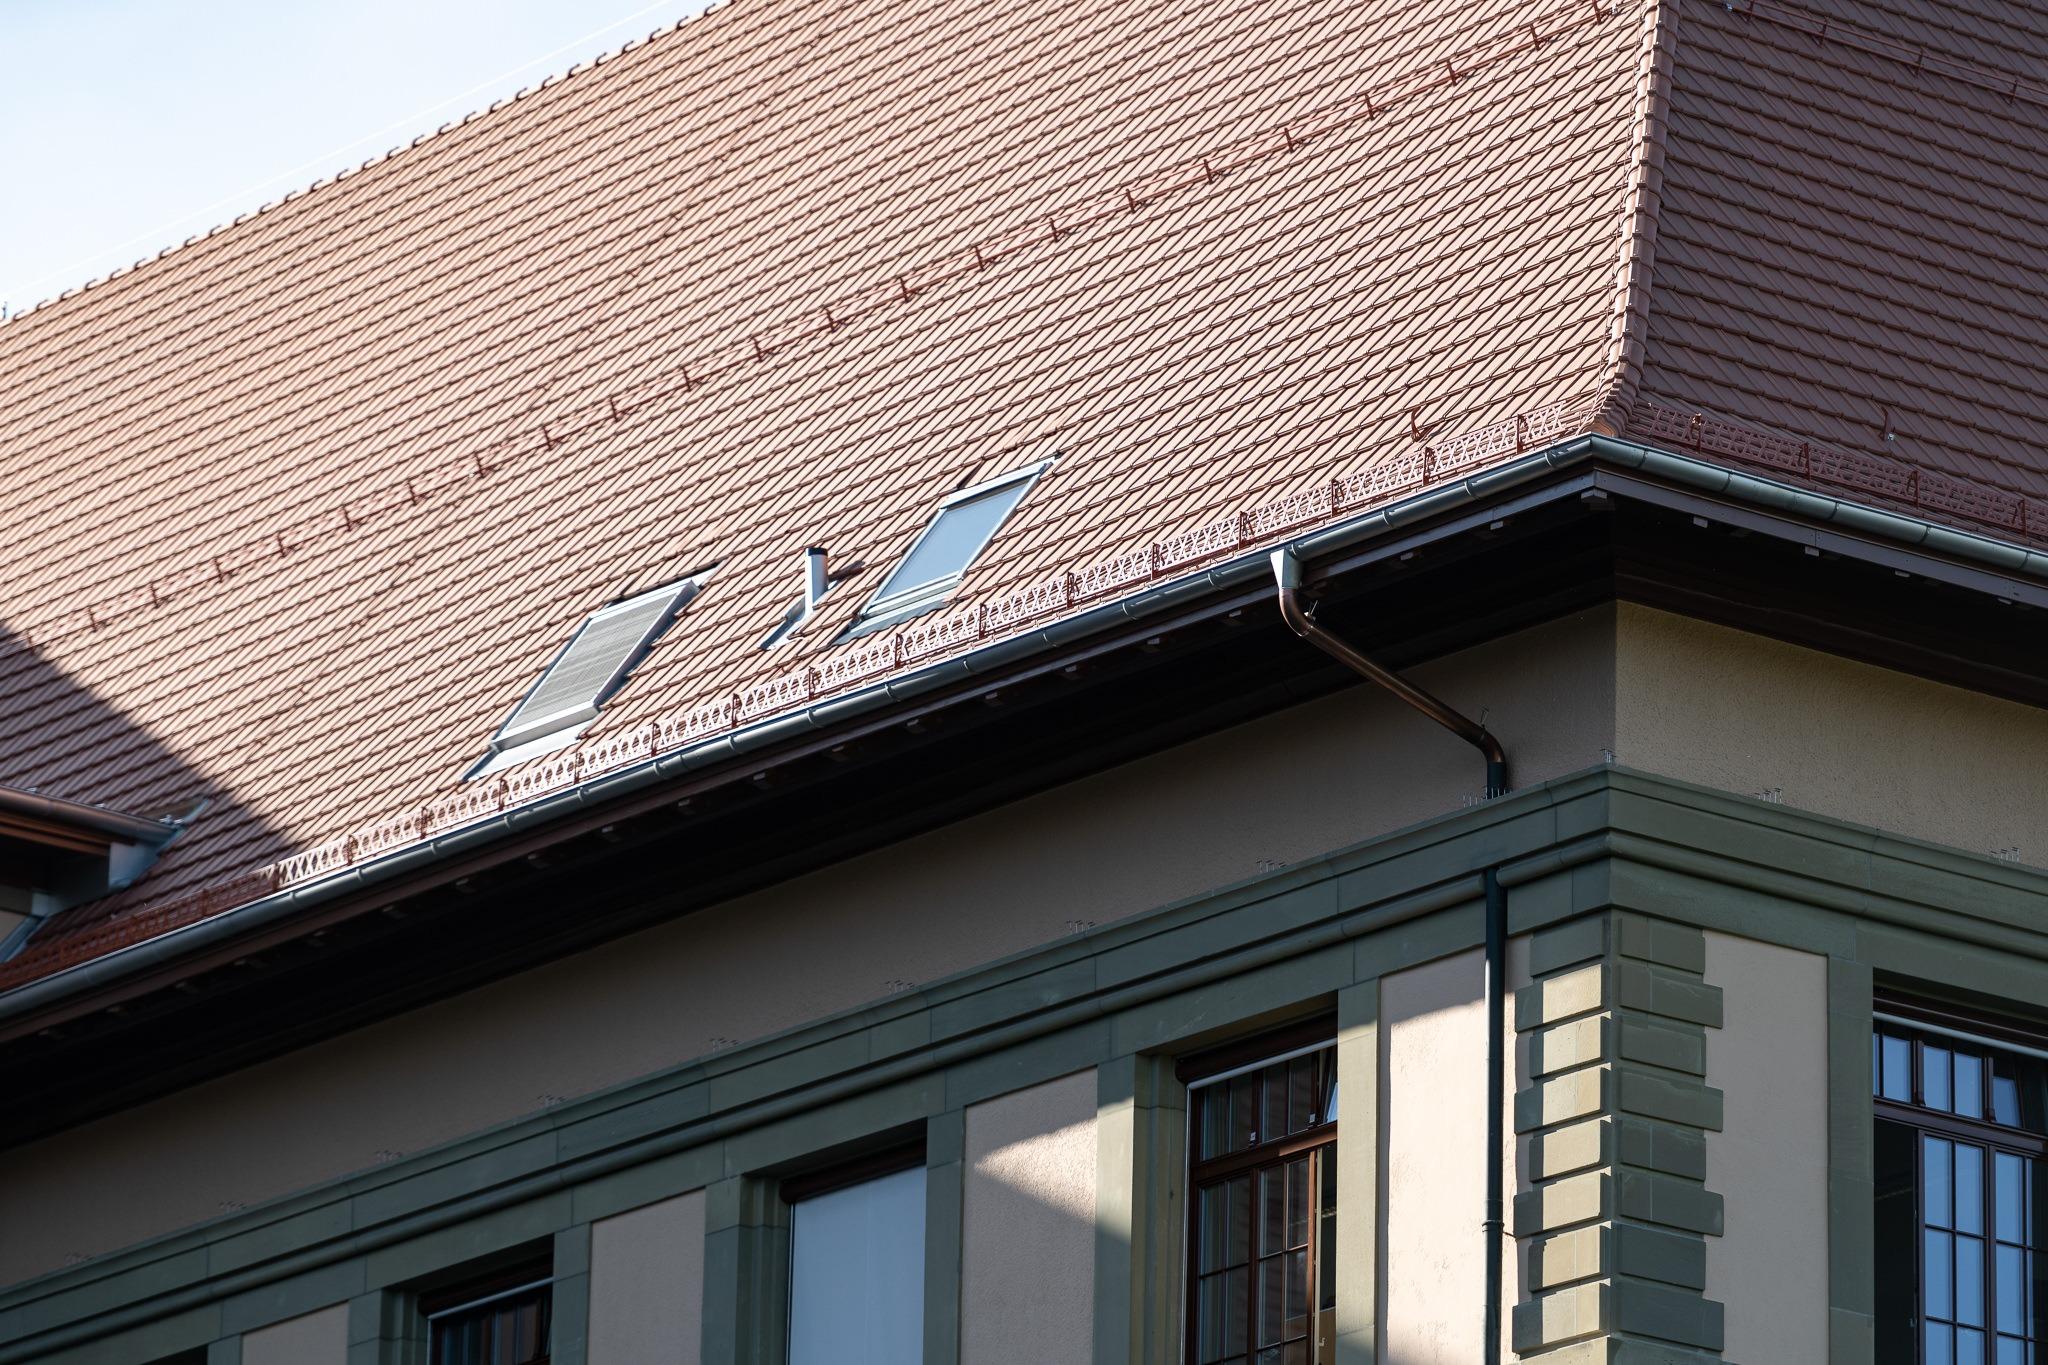 Kaserne Bern Renovation Tonziegeldach mit Flachschiebeziegel Tondachziegel FS 03 von Gasser Ceramic